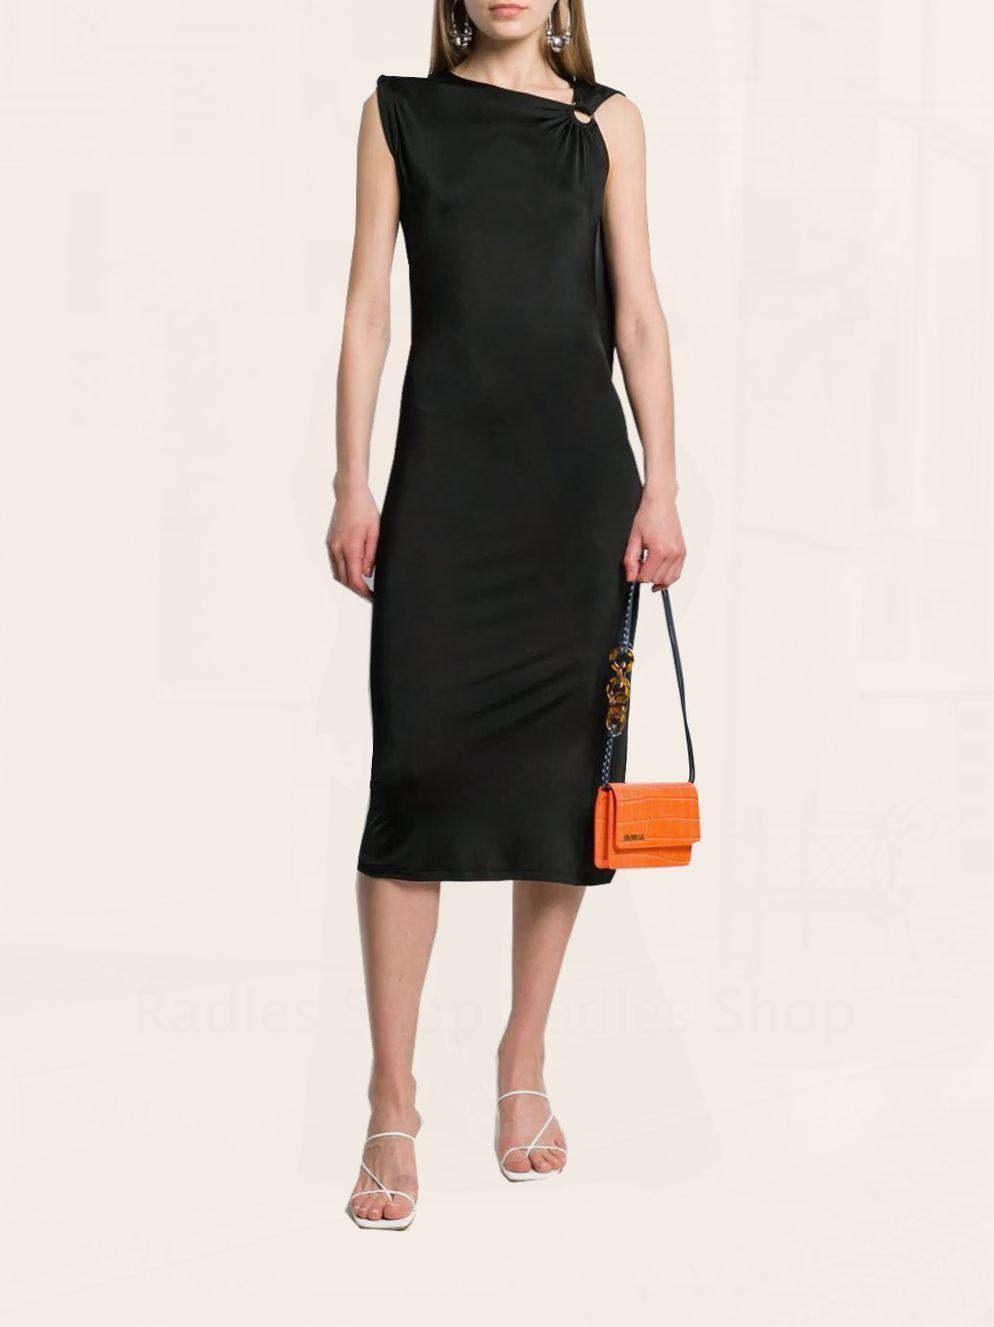 Нарядное платье. Отлично подойдет для работы и повседневной жизни, Платья, Оренбург, Фото №1